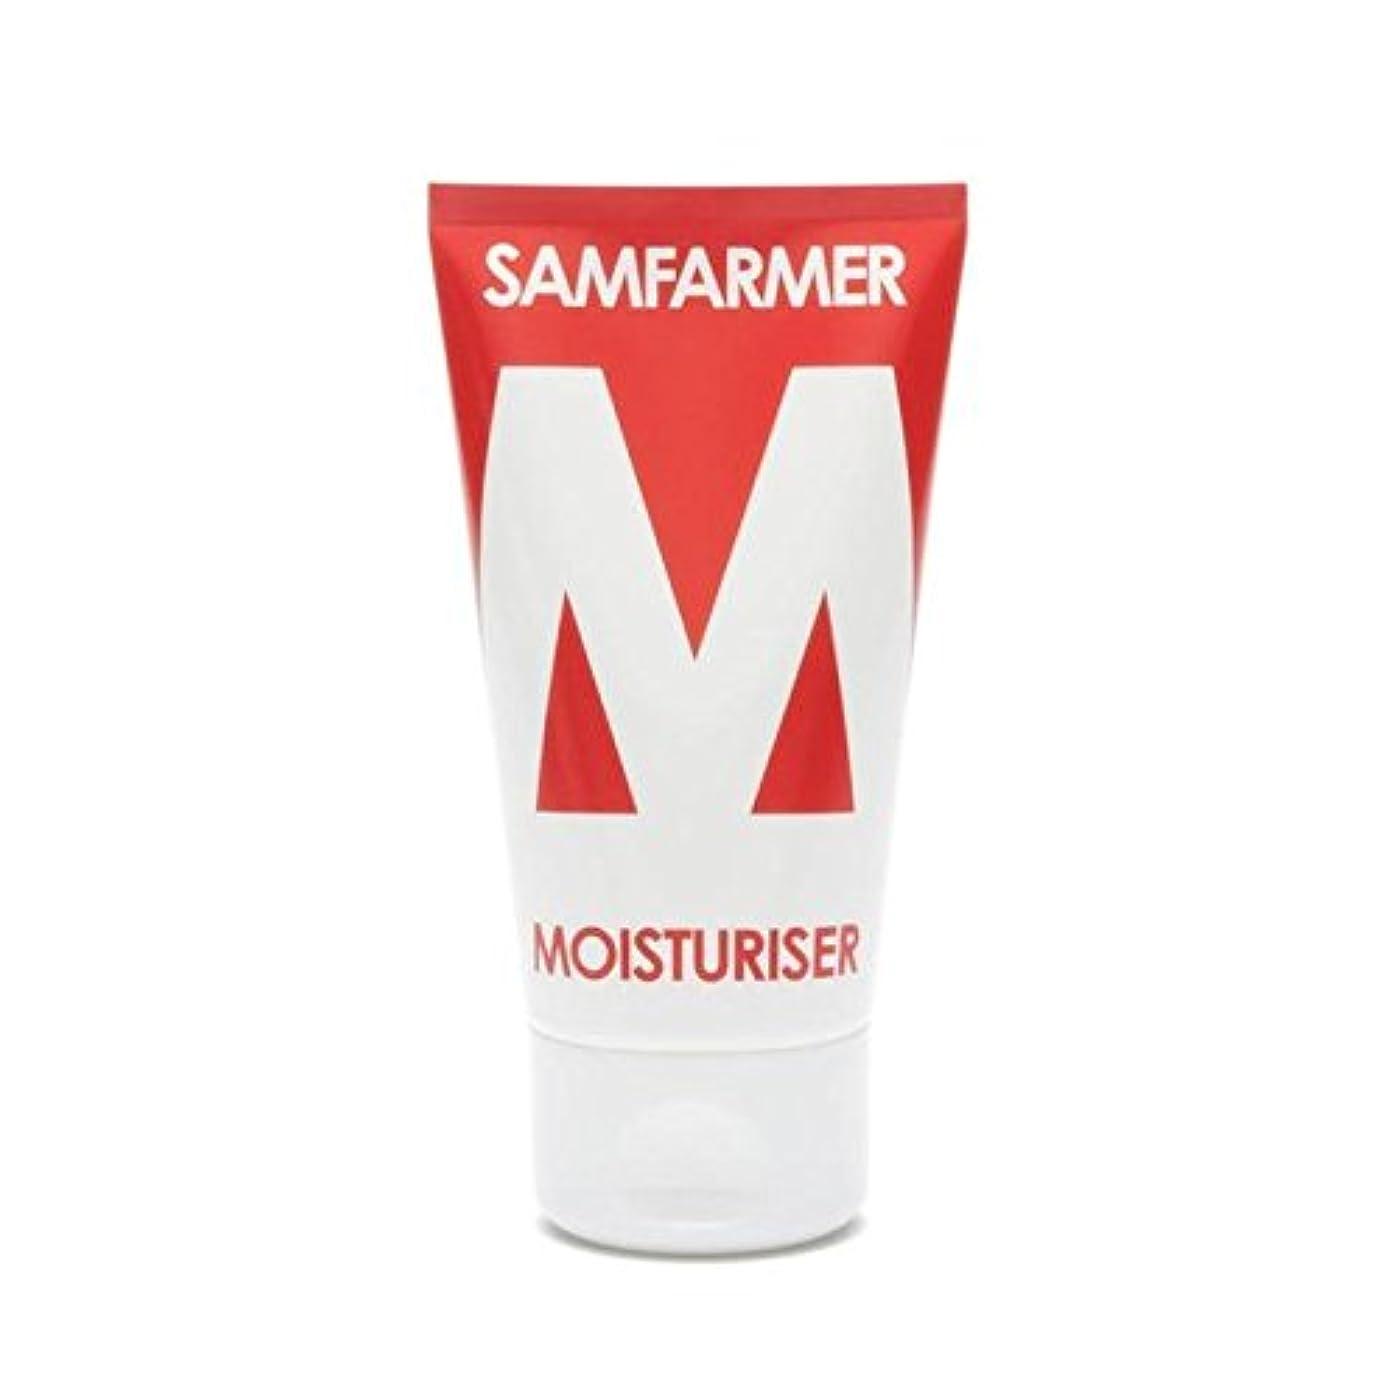 彼女均等に振り向くユニセックス保湿50ミリリットル x2 - SAMFARMER Unisex Moisturiser 50ml (Pack of 2) [並行輸入品]